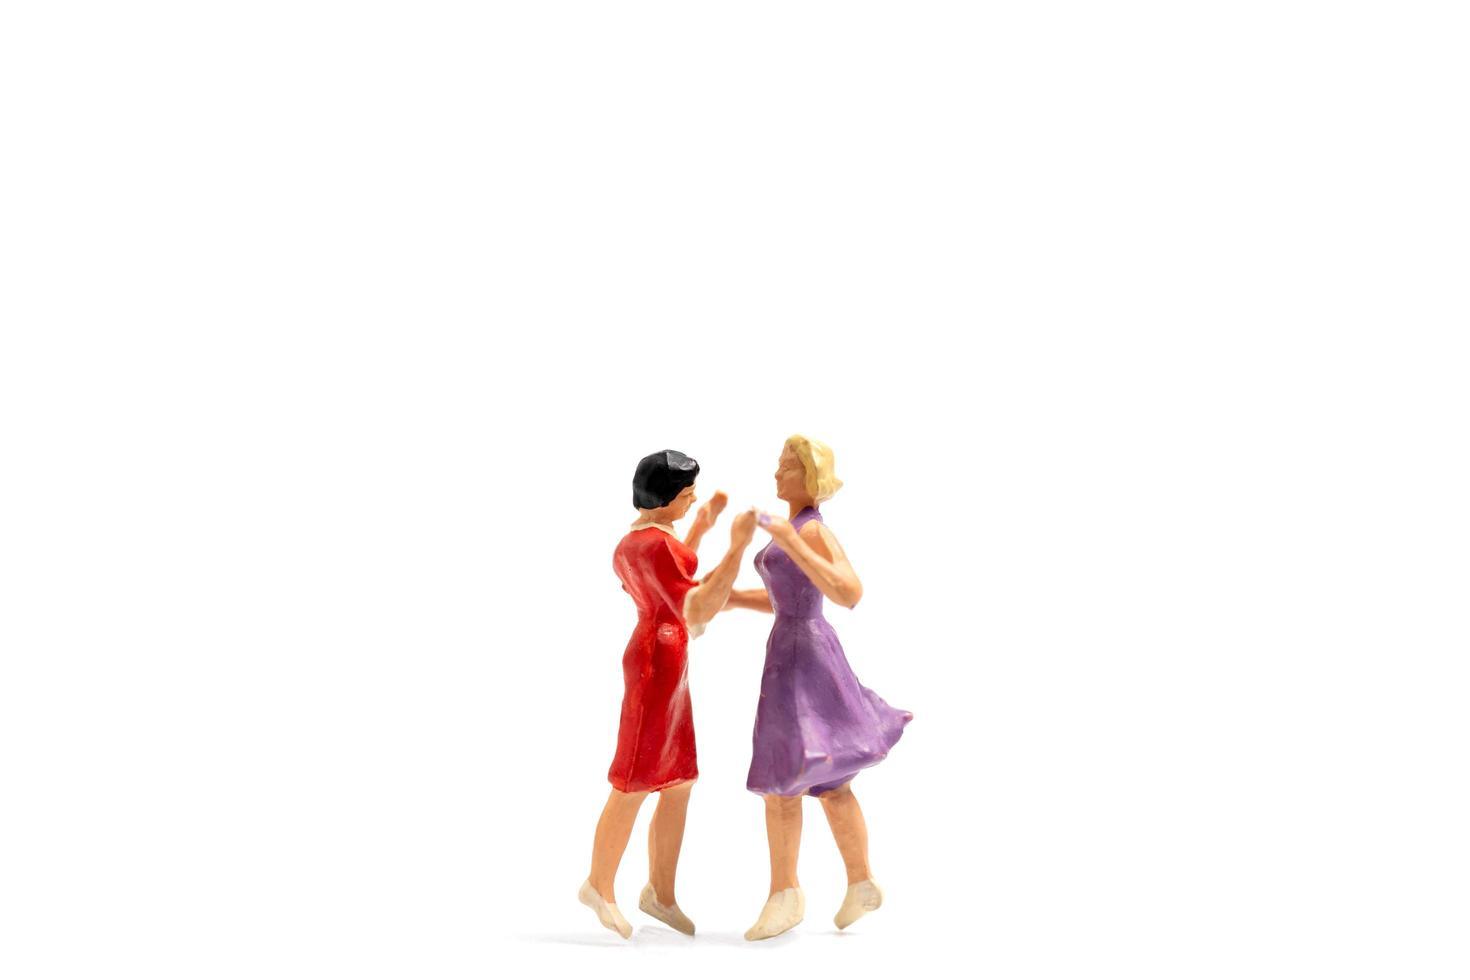 Figuras en miniatura de una pareja de lesbianas bailando sobre fondo blanco. foto